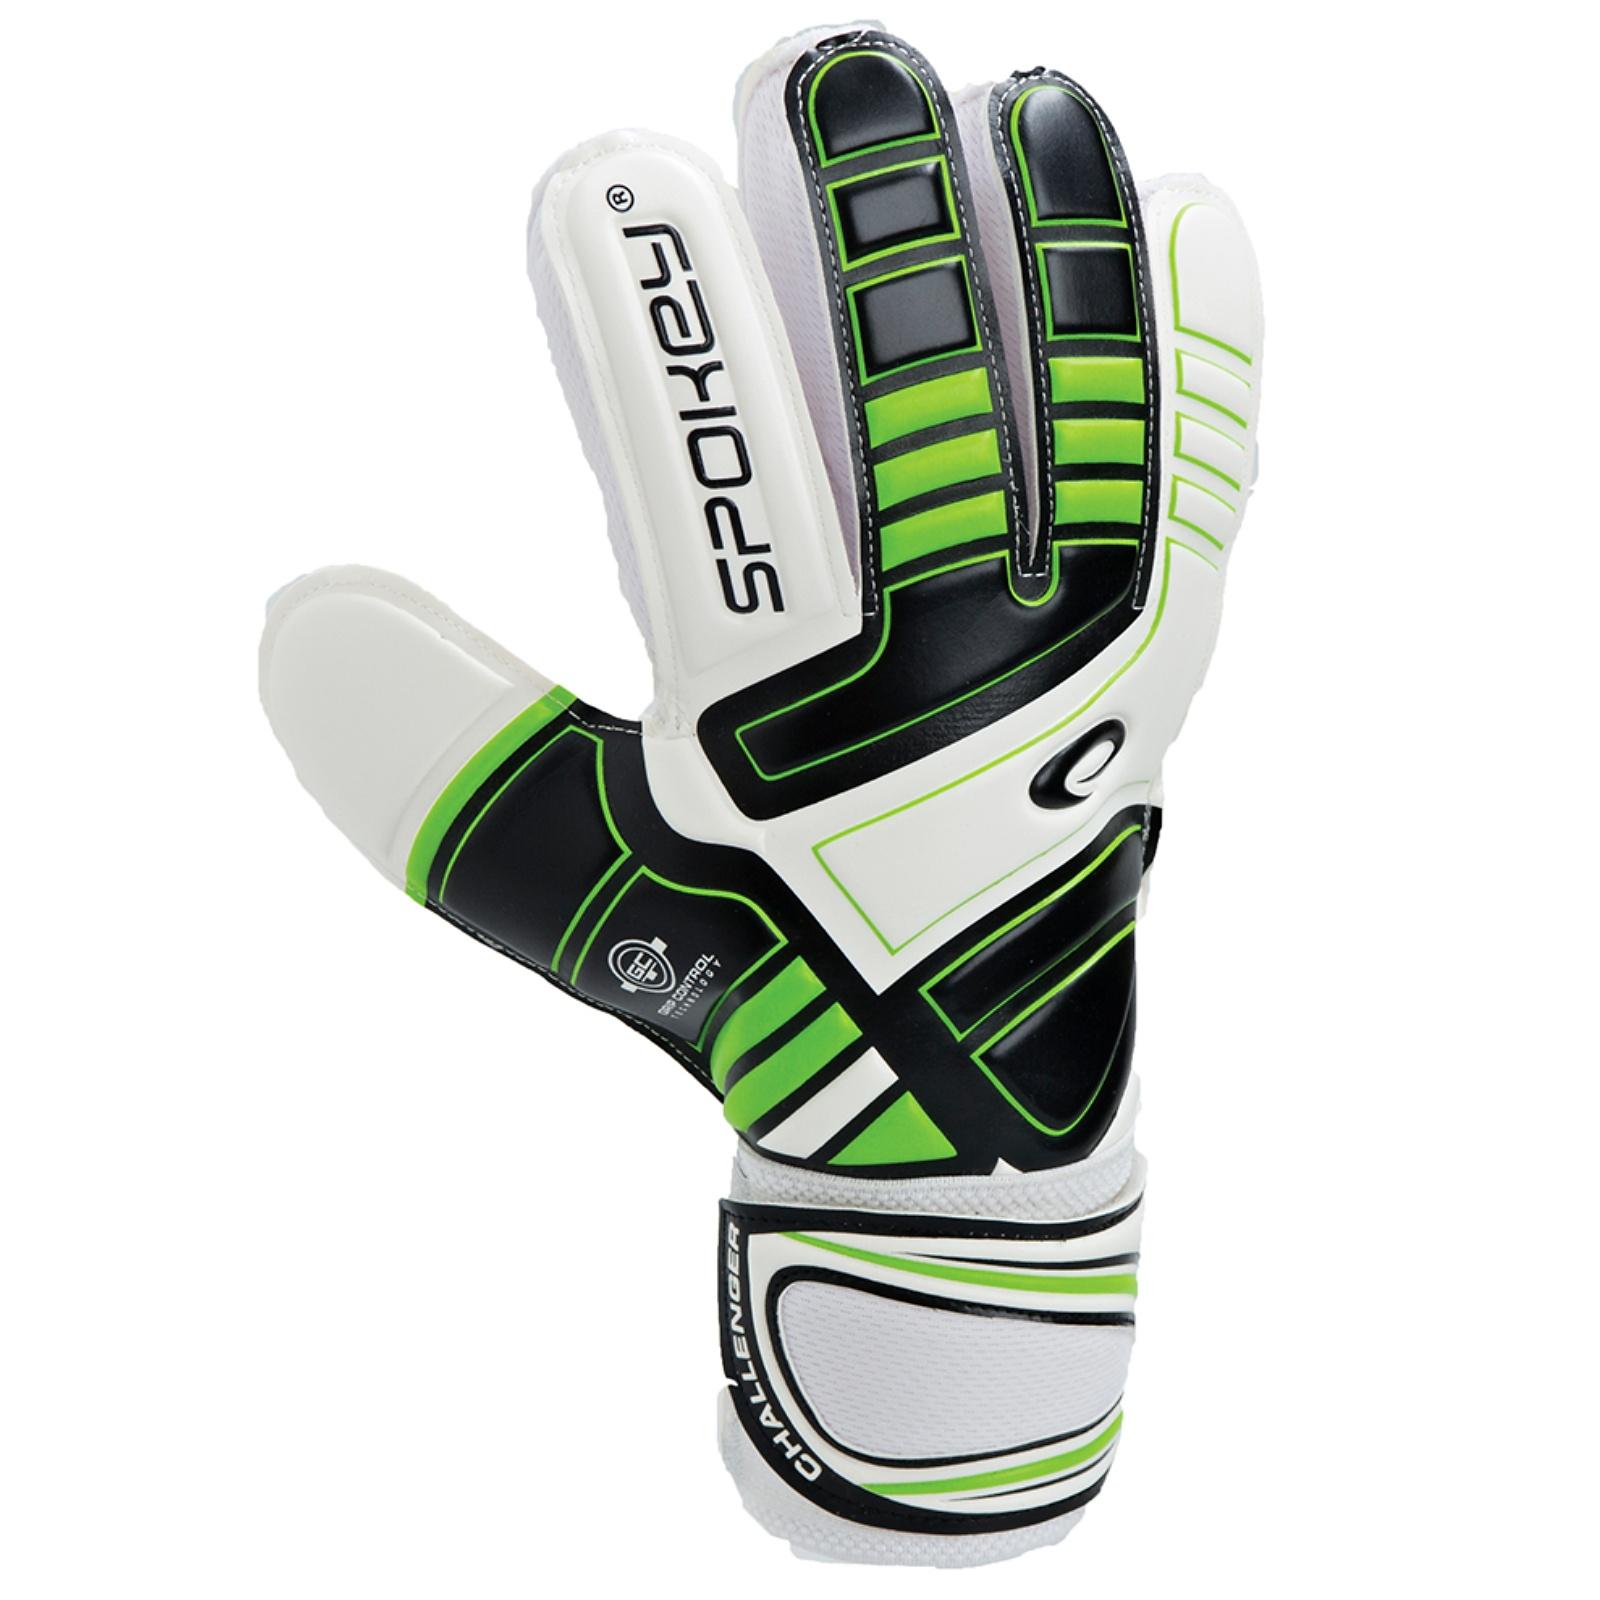 Brankářské rukavice SPOKEY Ego Challenger 6 zelené